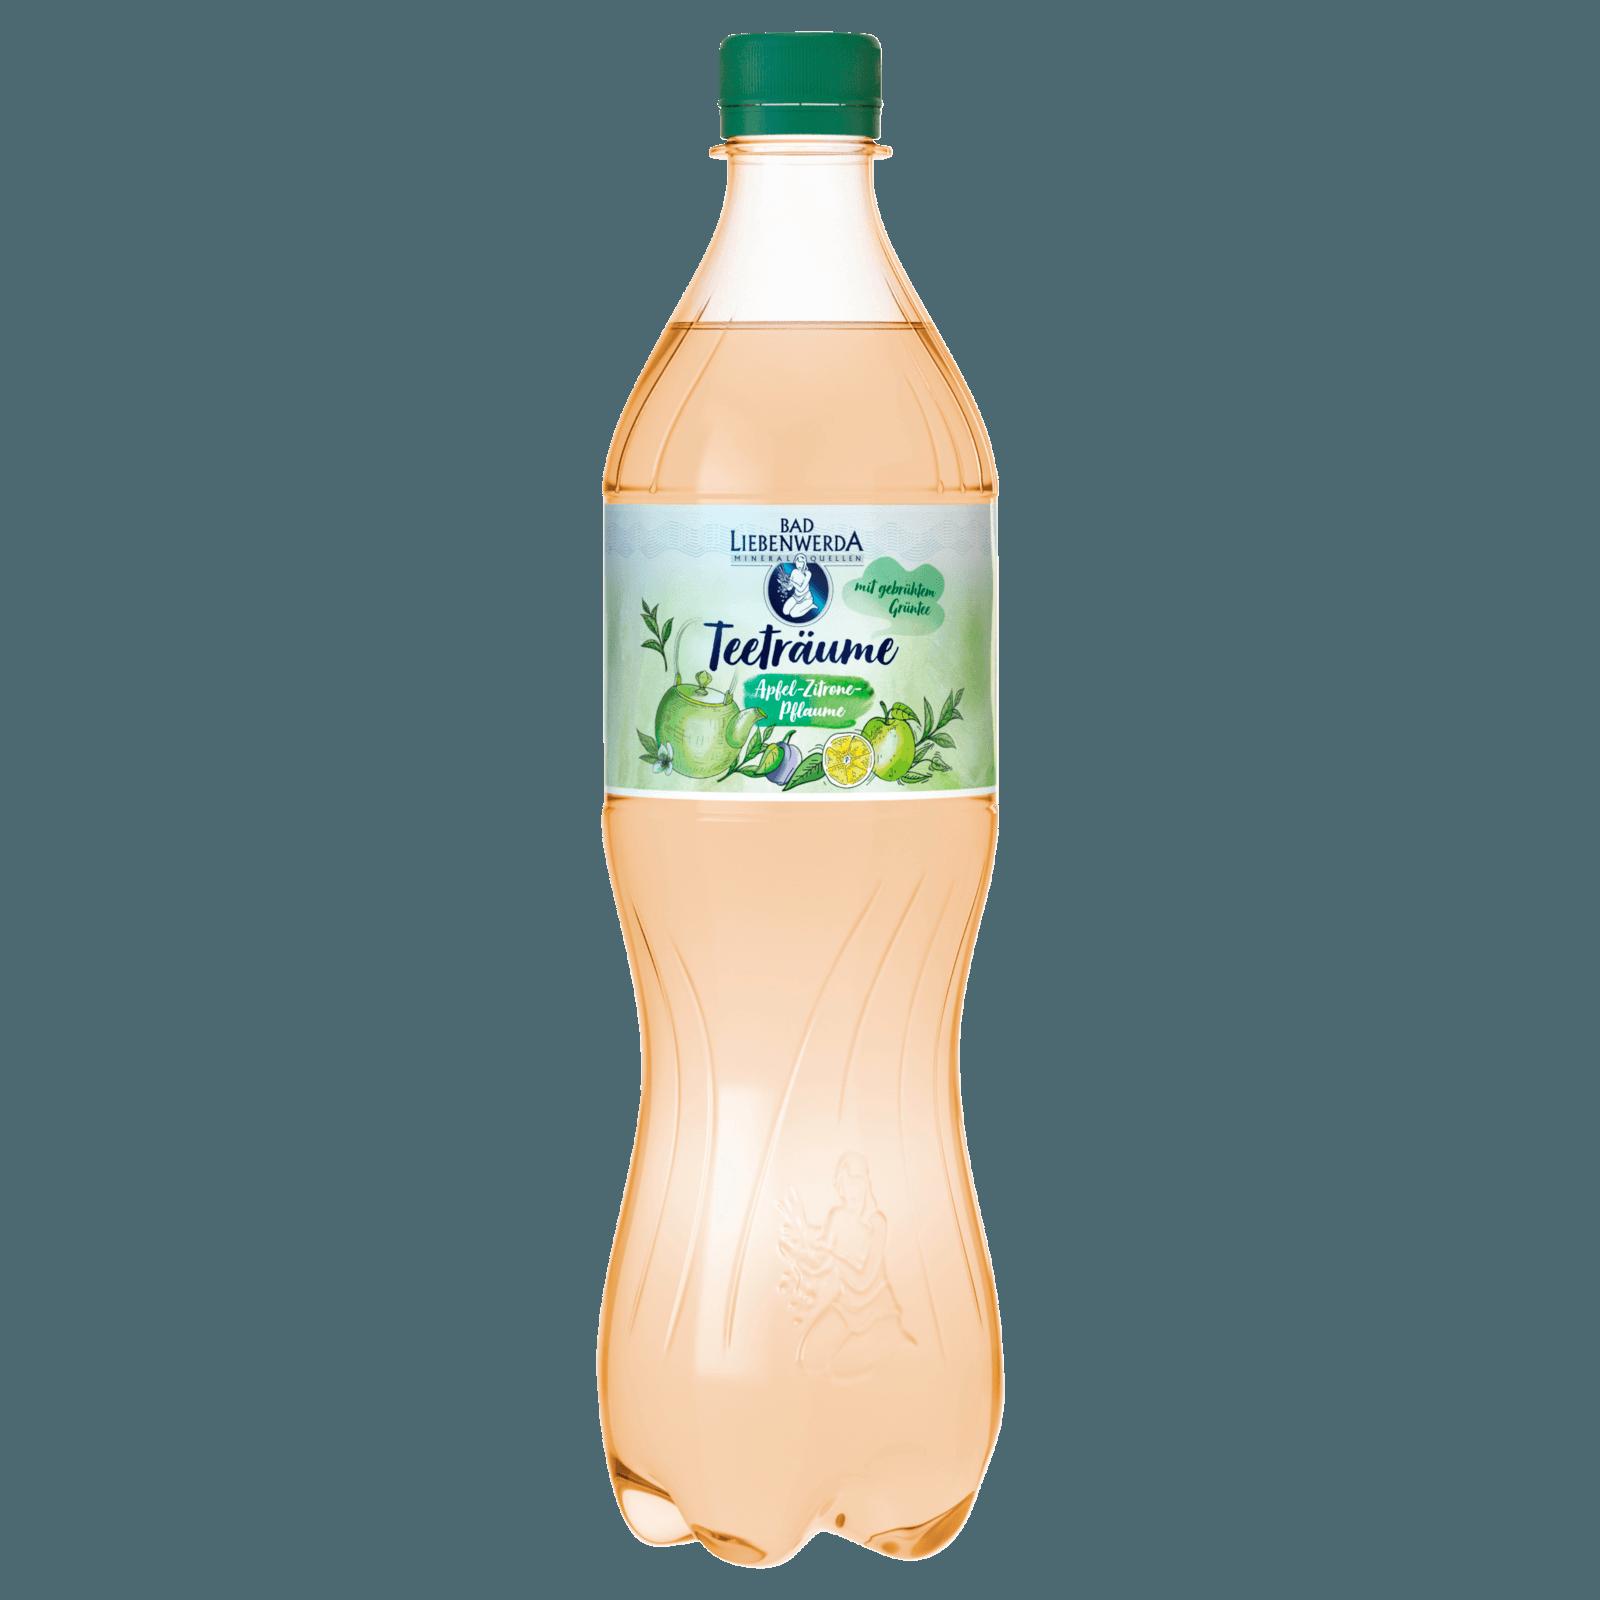 Bad Liebenwerda Teeträume Pflaume 0,75l